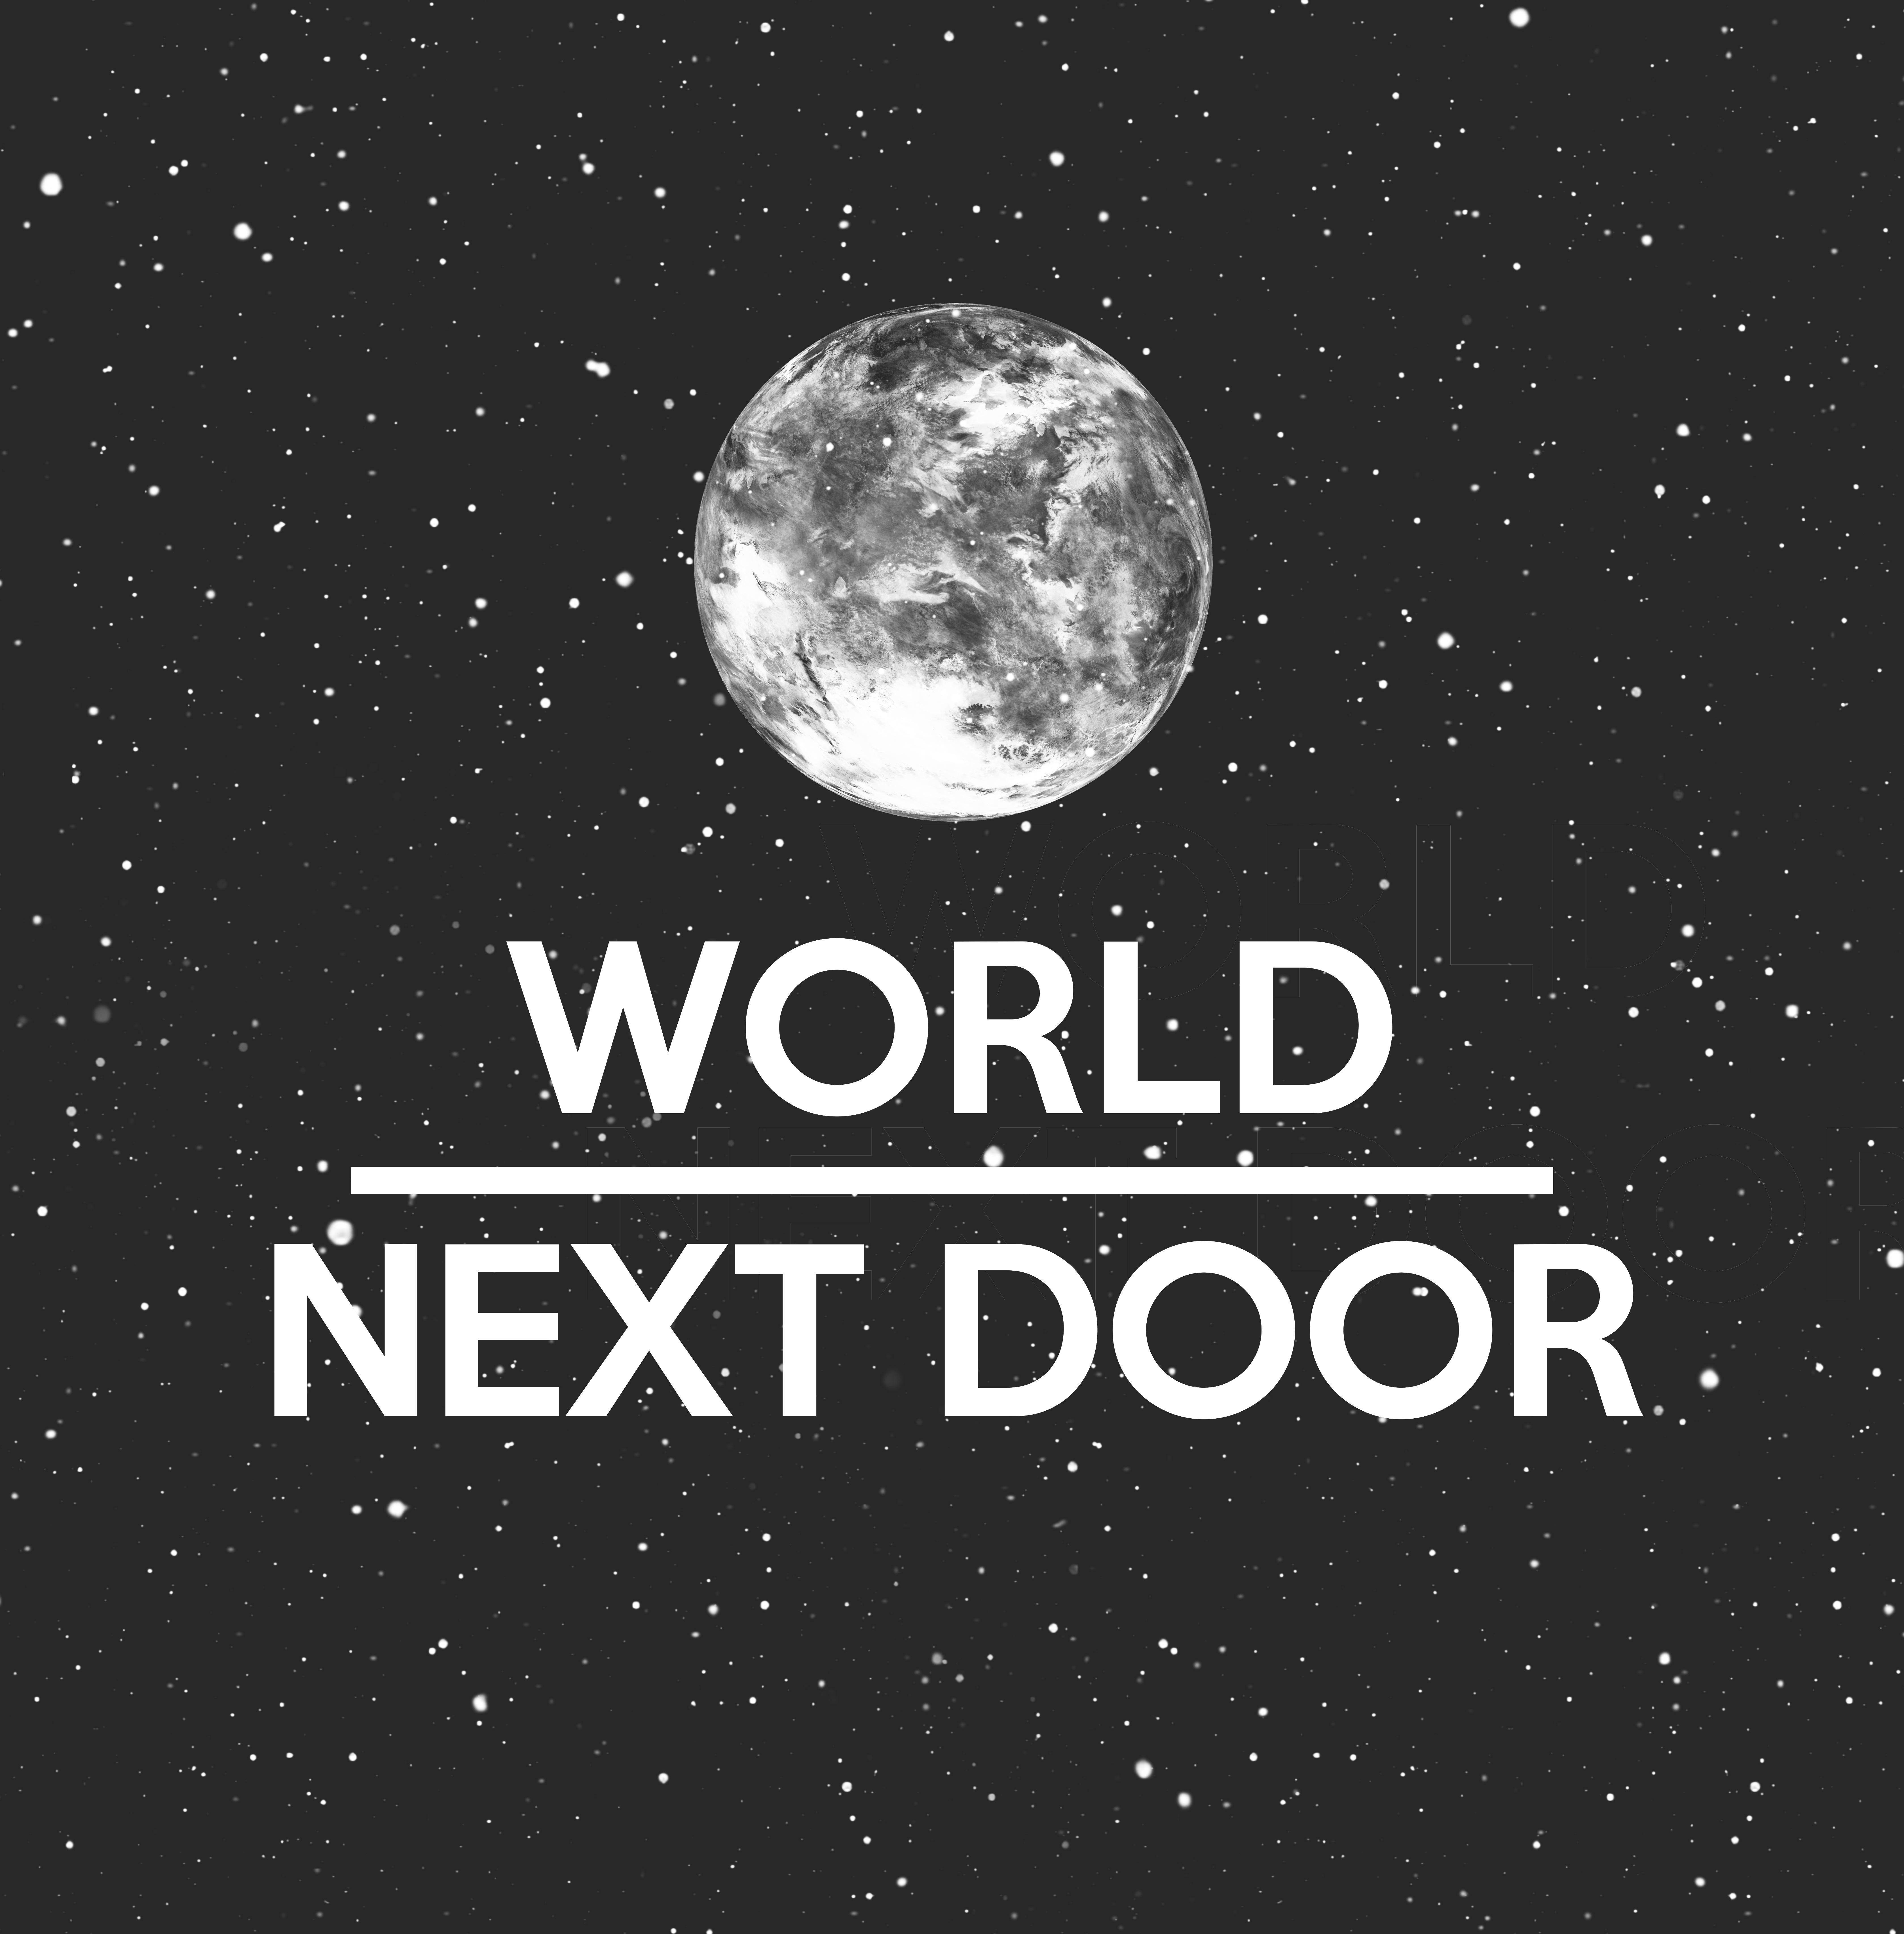 World Next Door